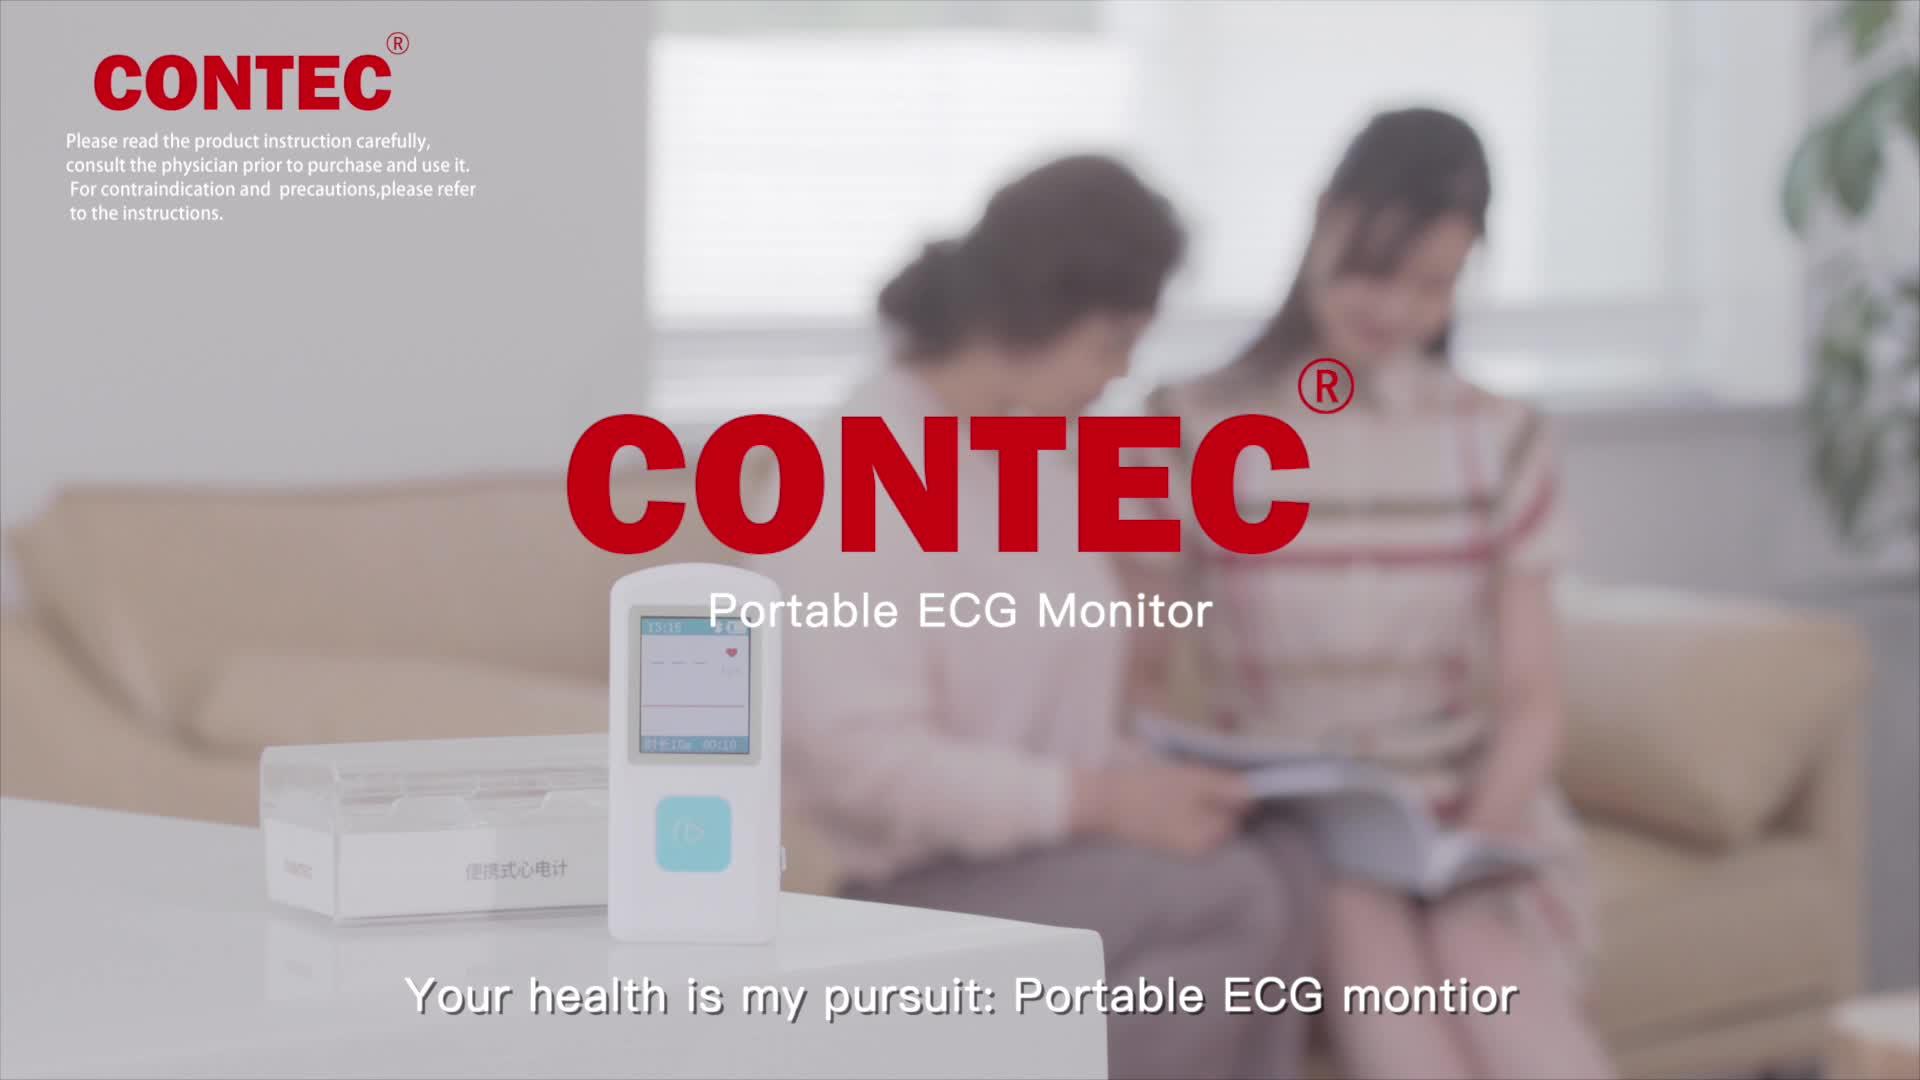 CONTEC PM10 ecg portátil telemetría ecg sistema de vigilancia